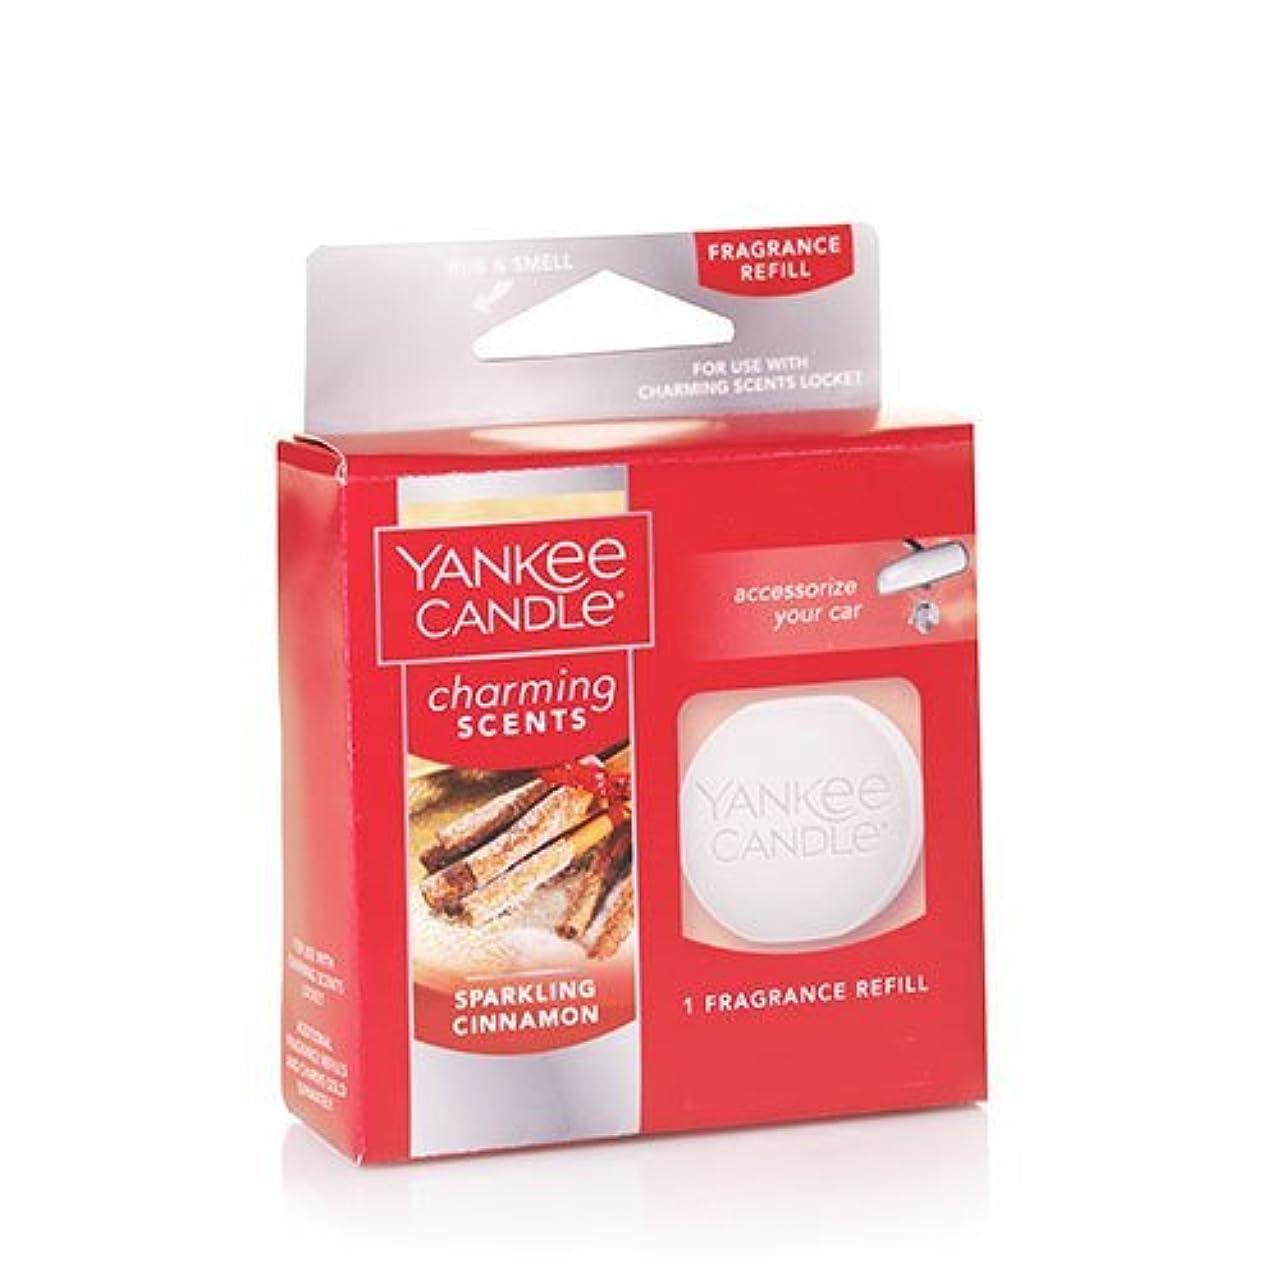 極小しっかり省略するYankee Candle SparklingシナモンCharming Scents Fragrance Refill, Festive香り